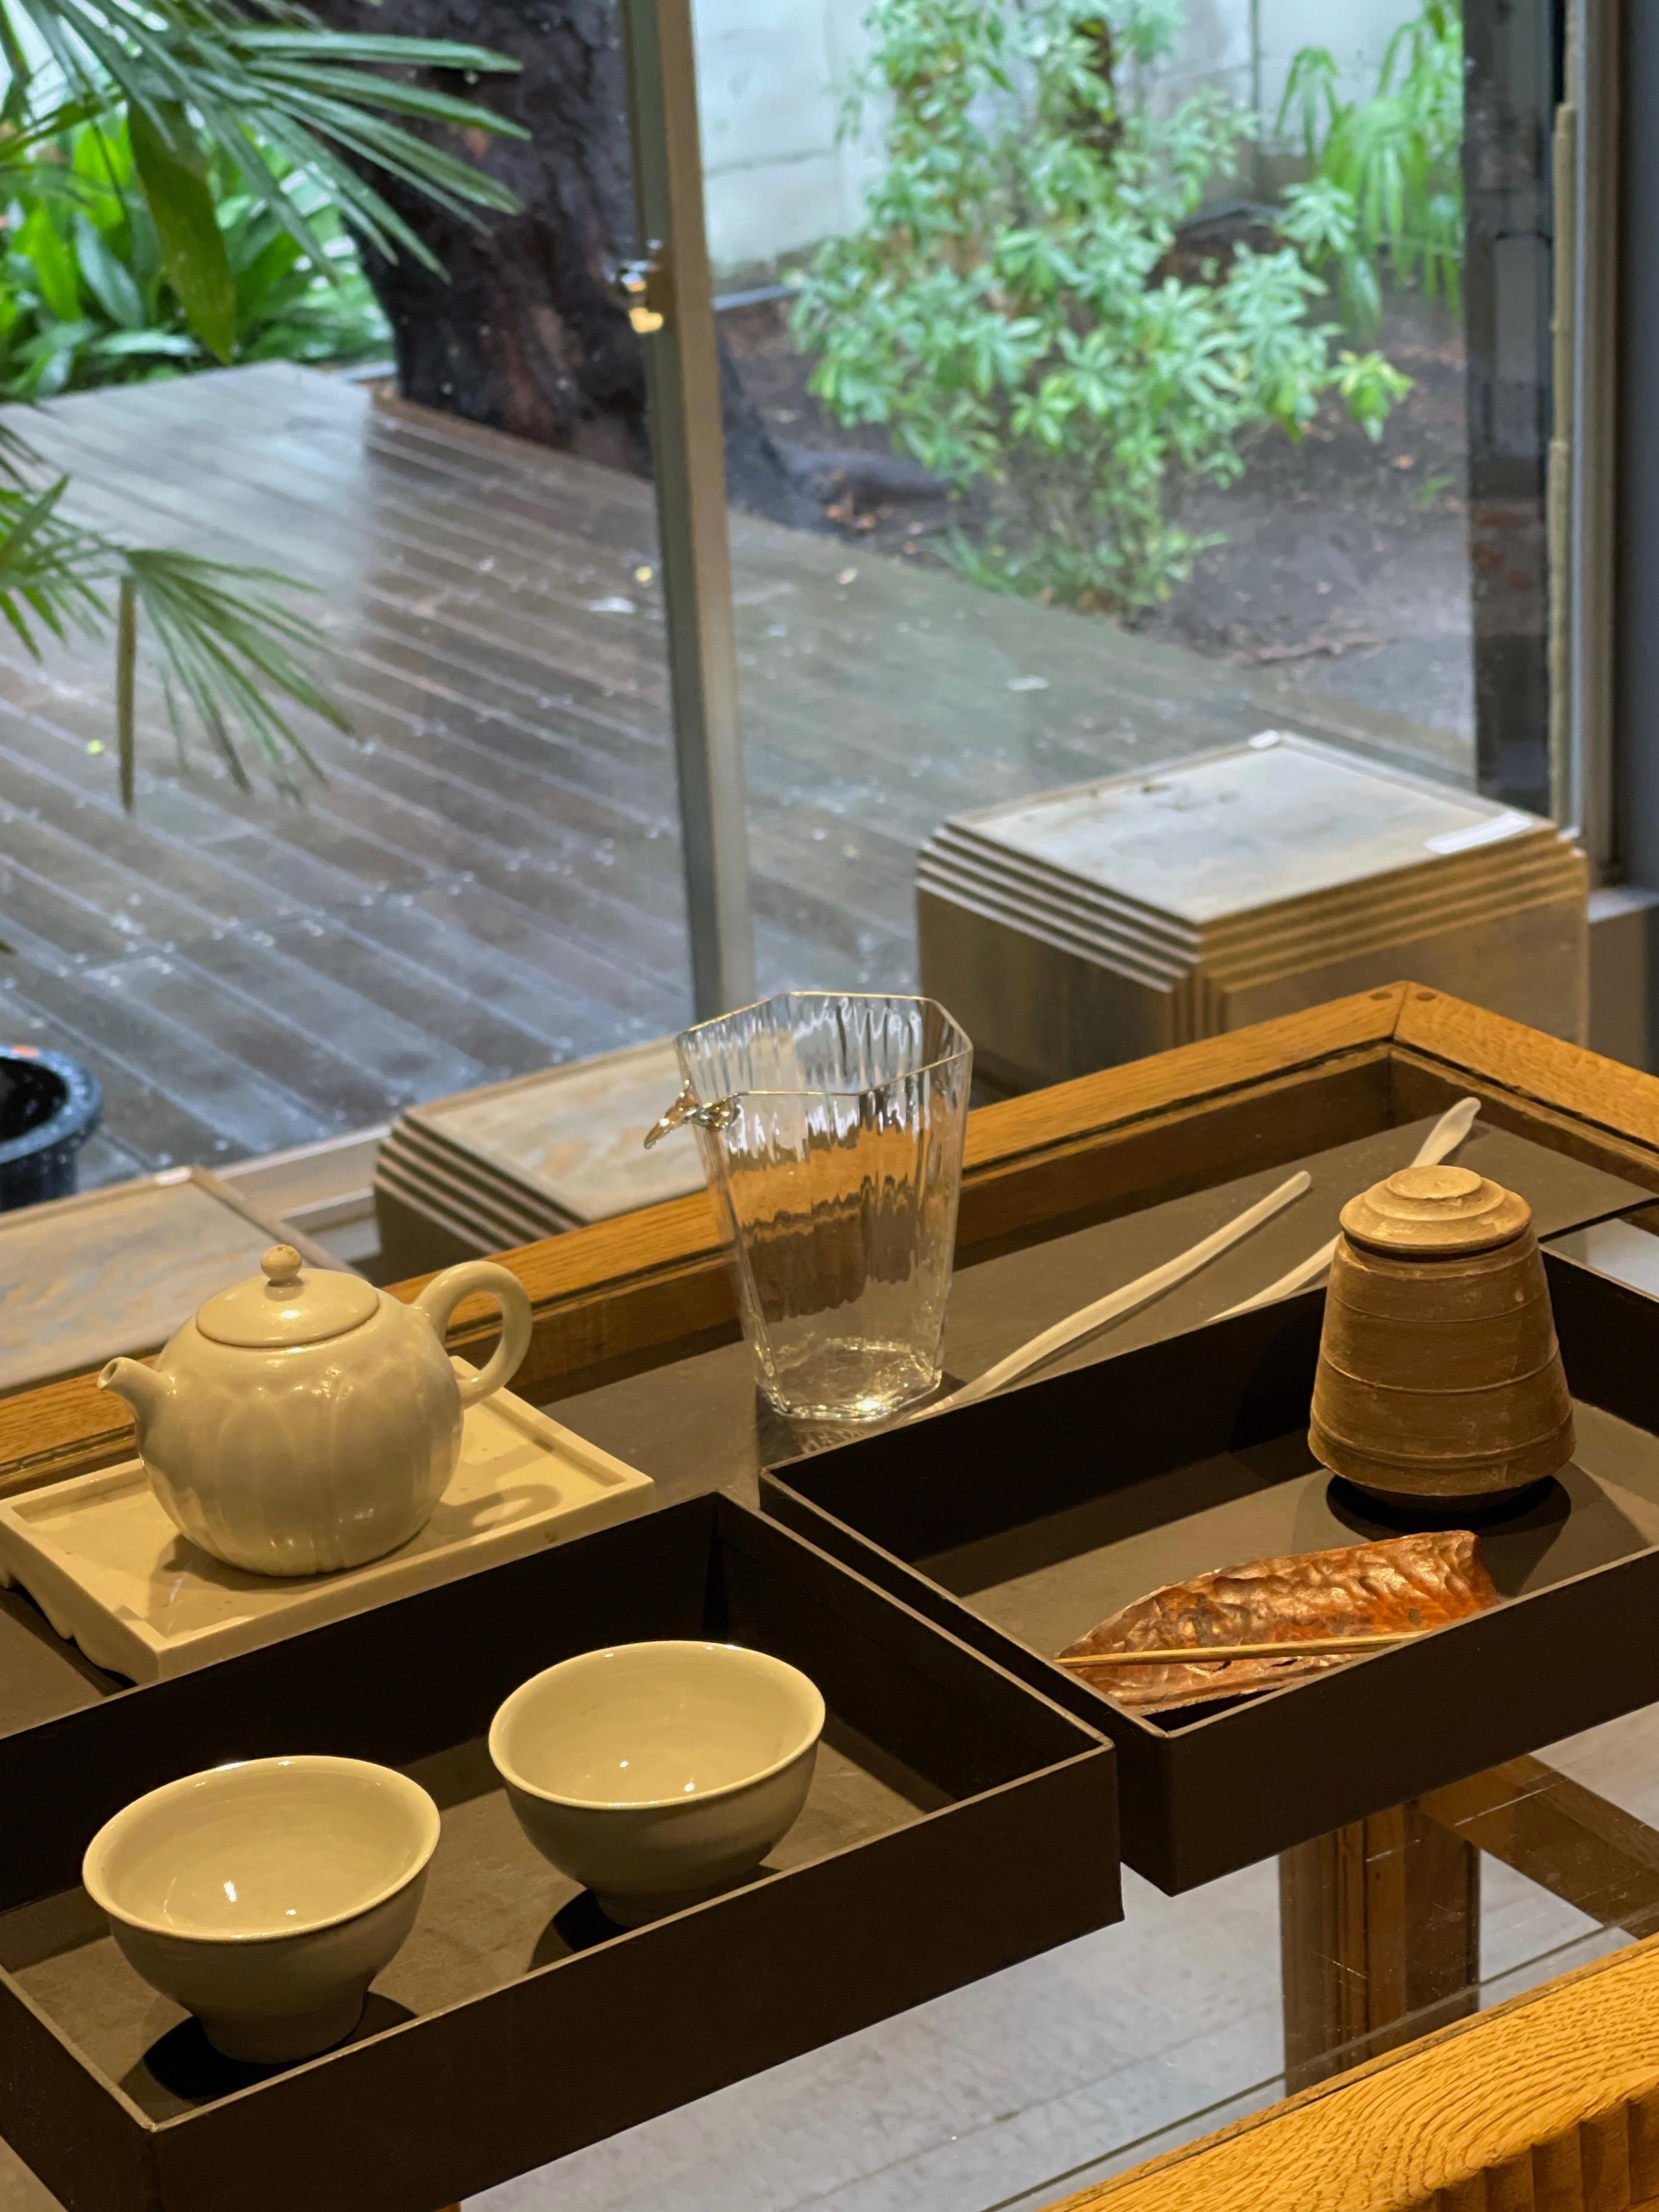 2021.2.18 thu 〜 2.24 wed 中国茶器展 開催致します